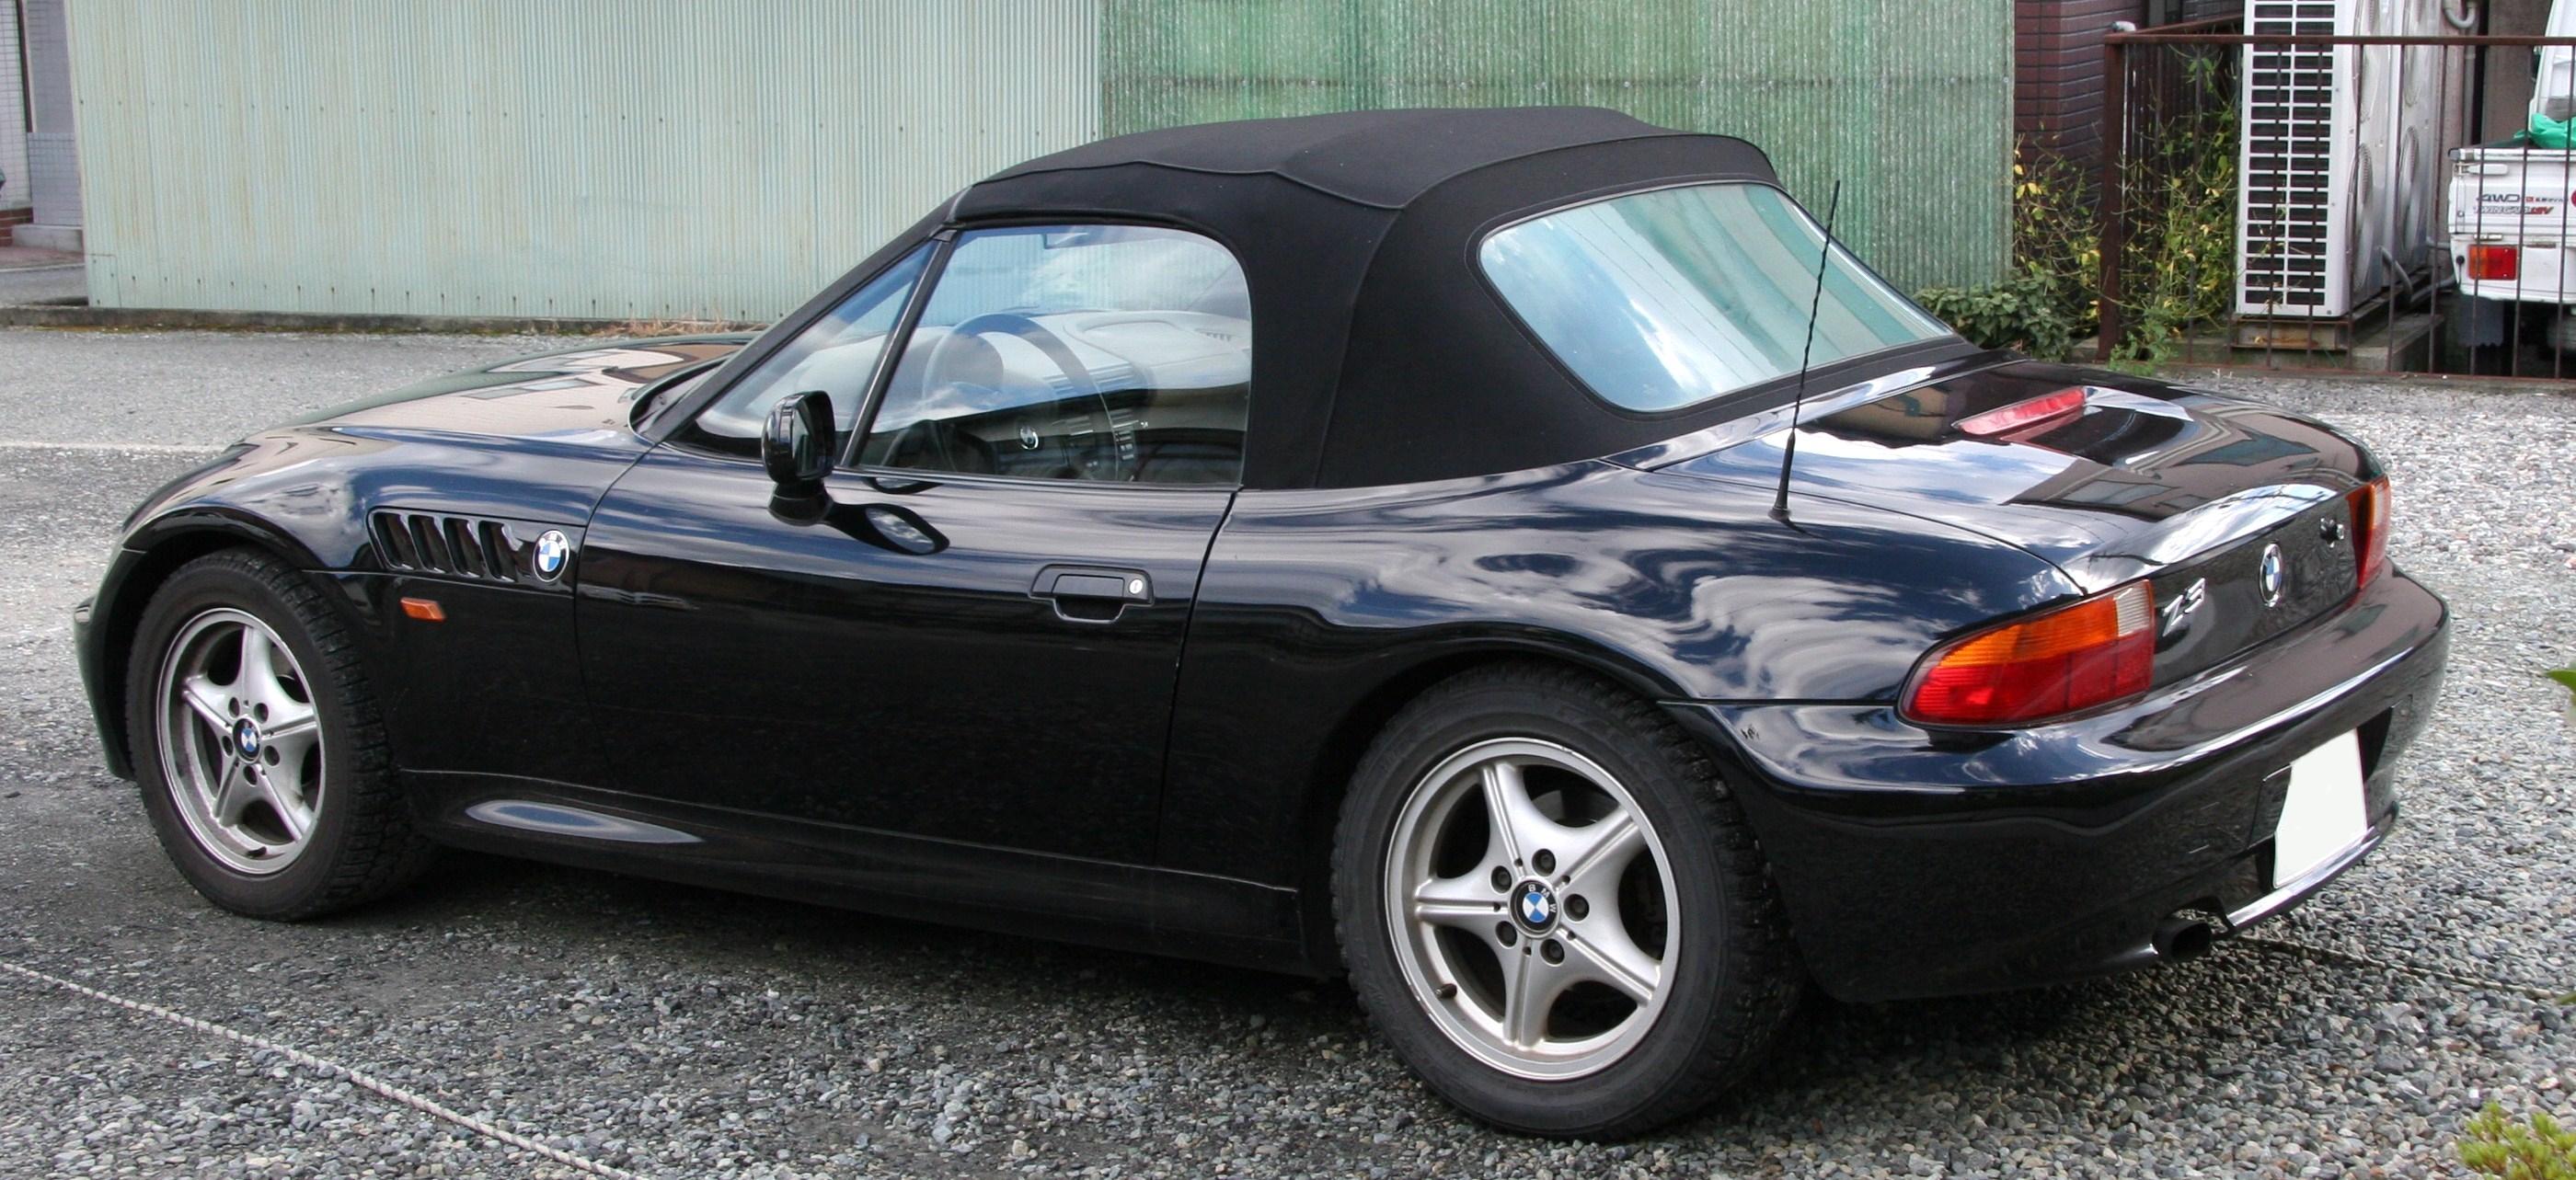 1996 Bmw Z3 Image 3